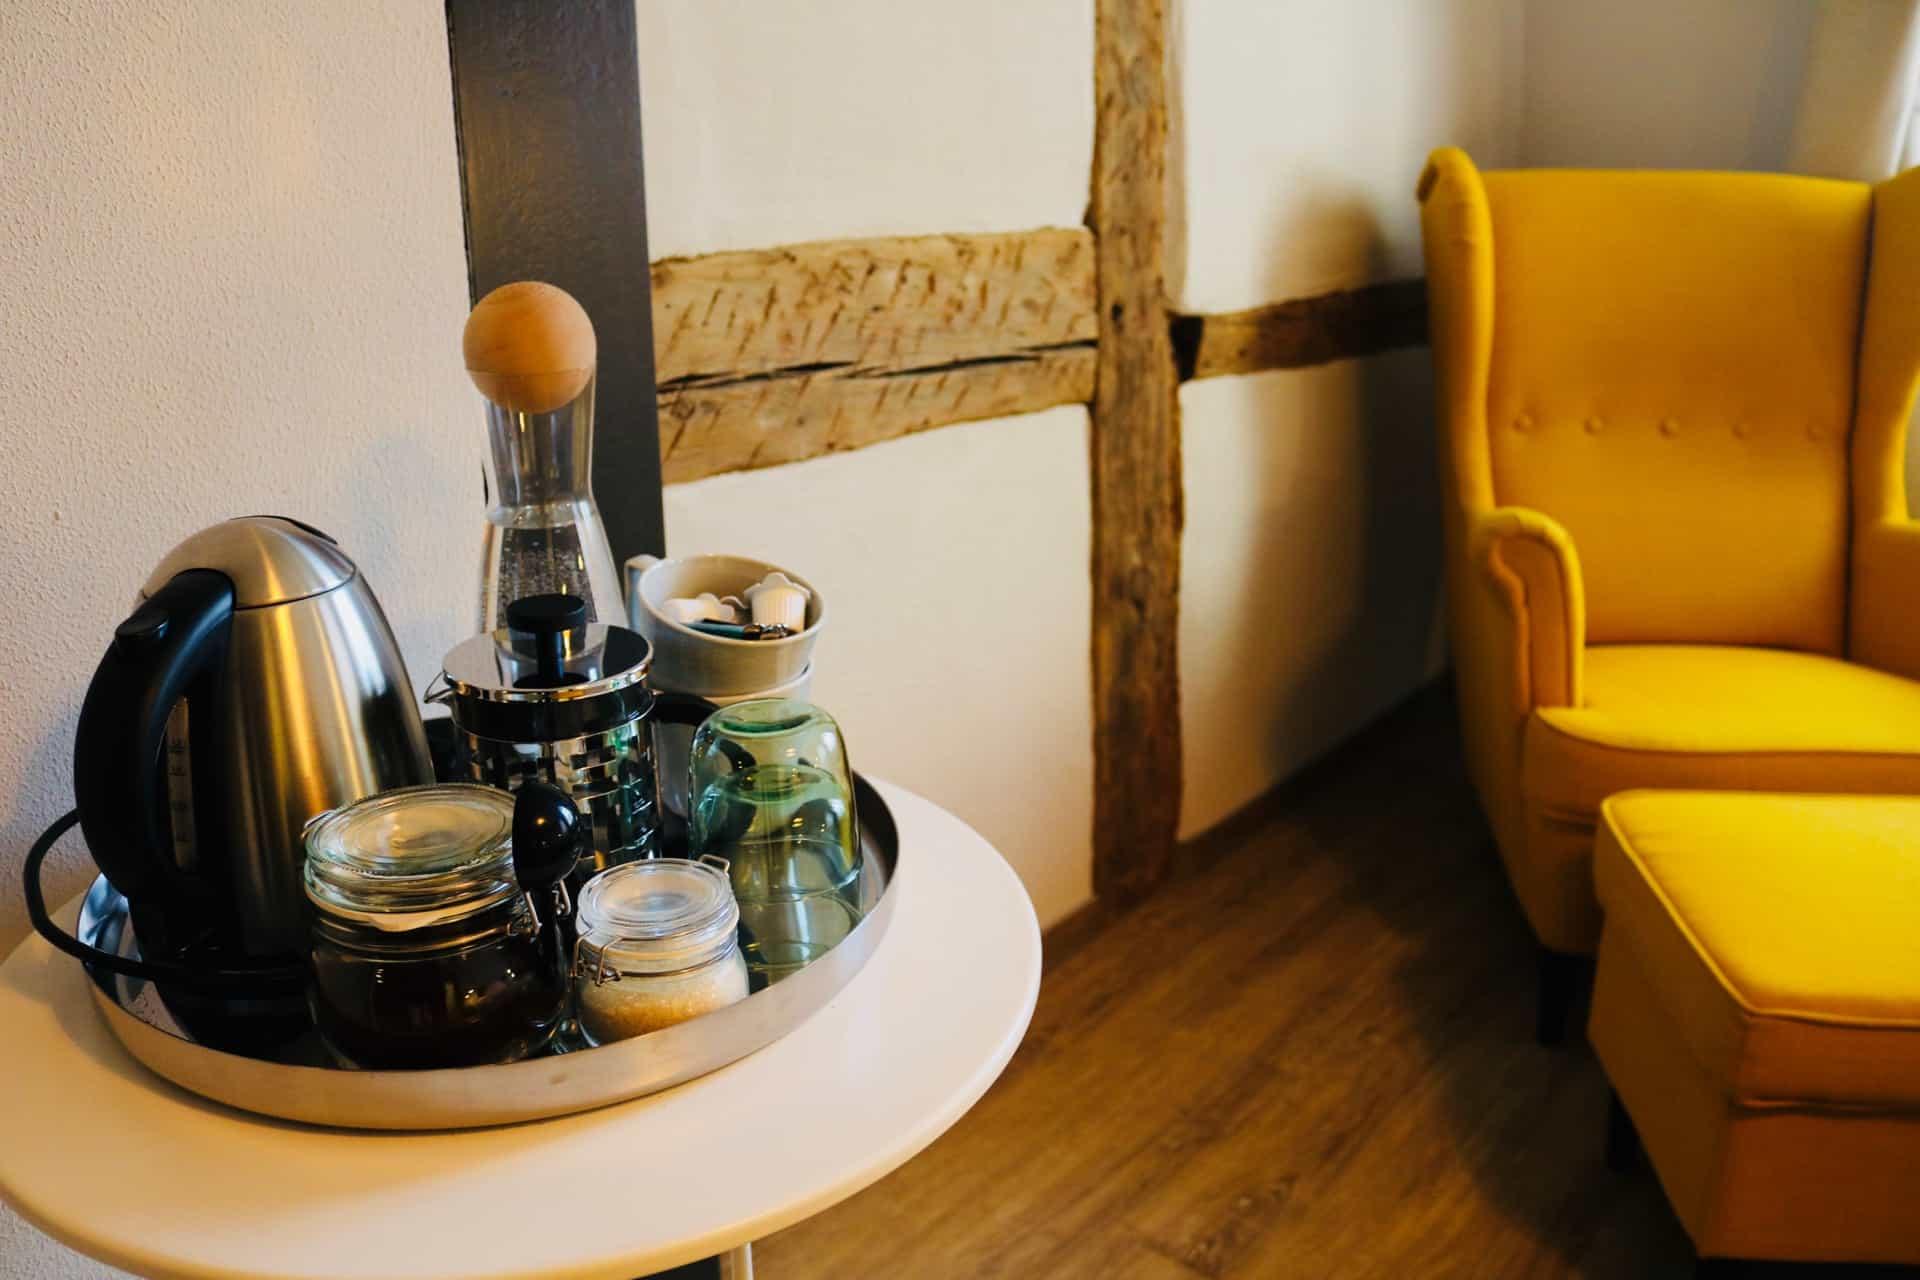 Markt 15 - Kaffee-/Teezubereitung in allen Zimmern